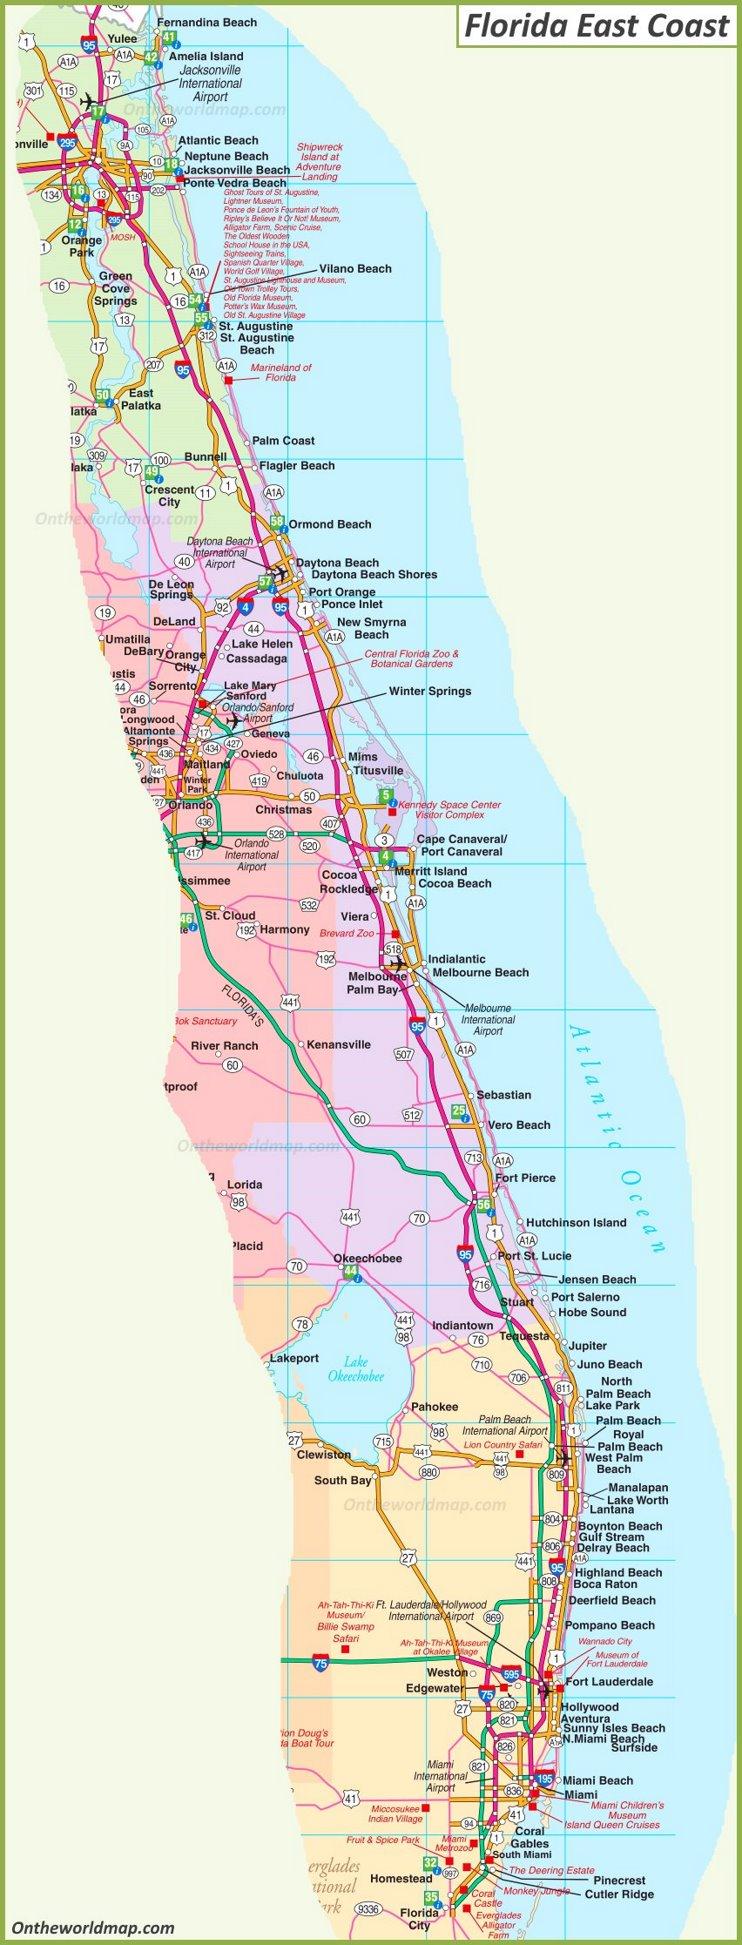 Map of Florida East Coast